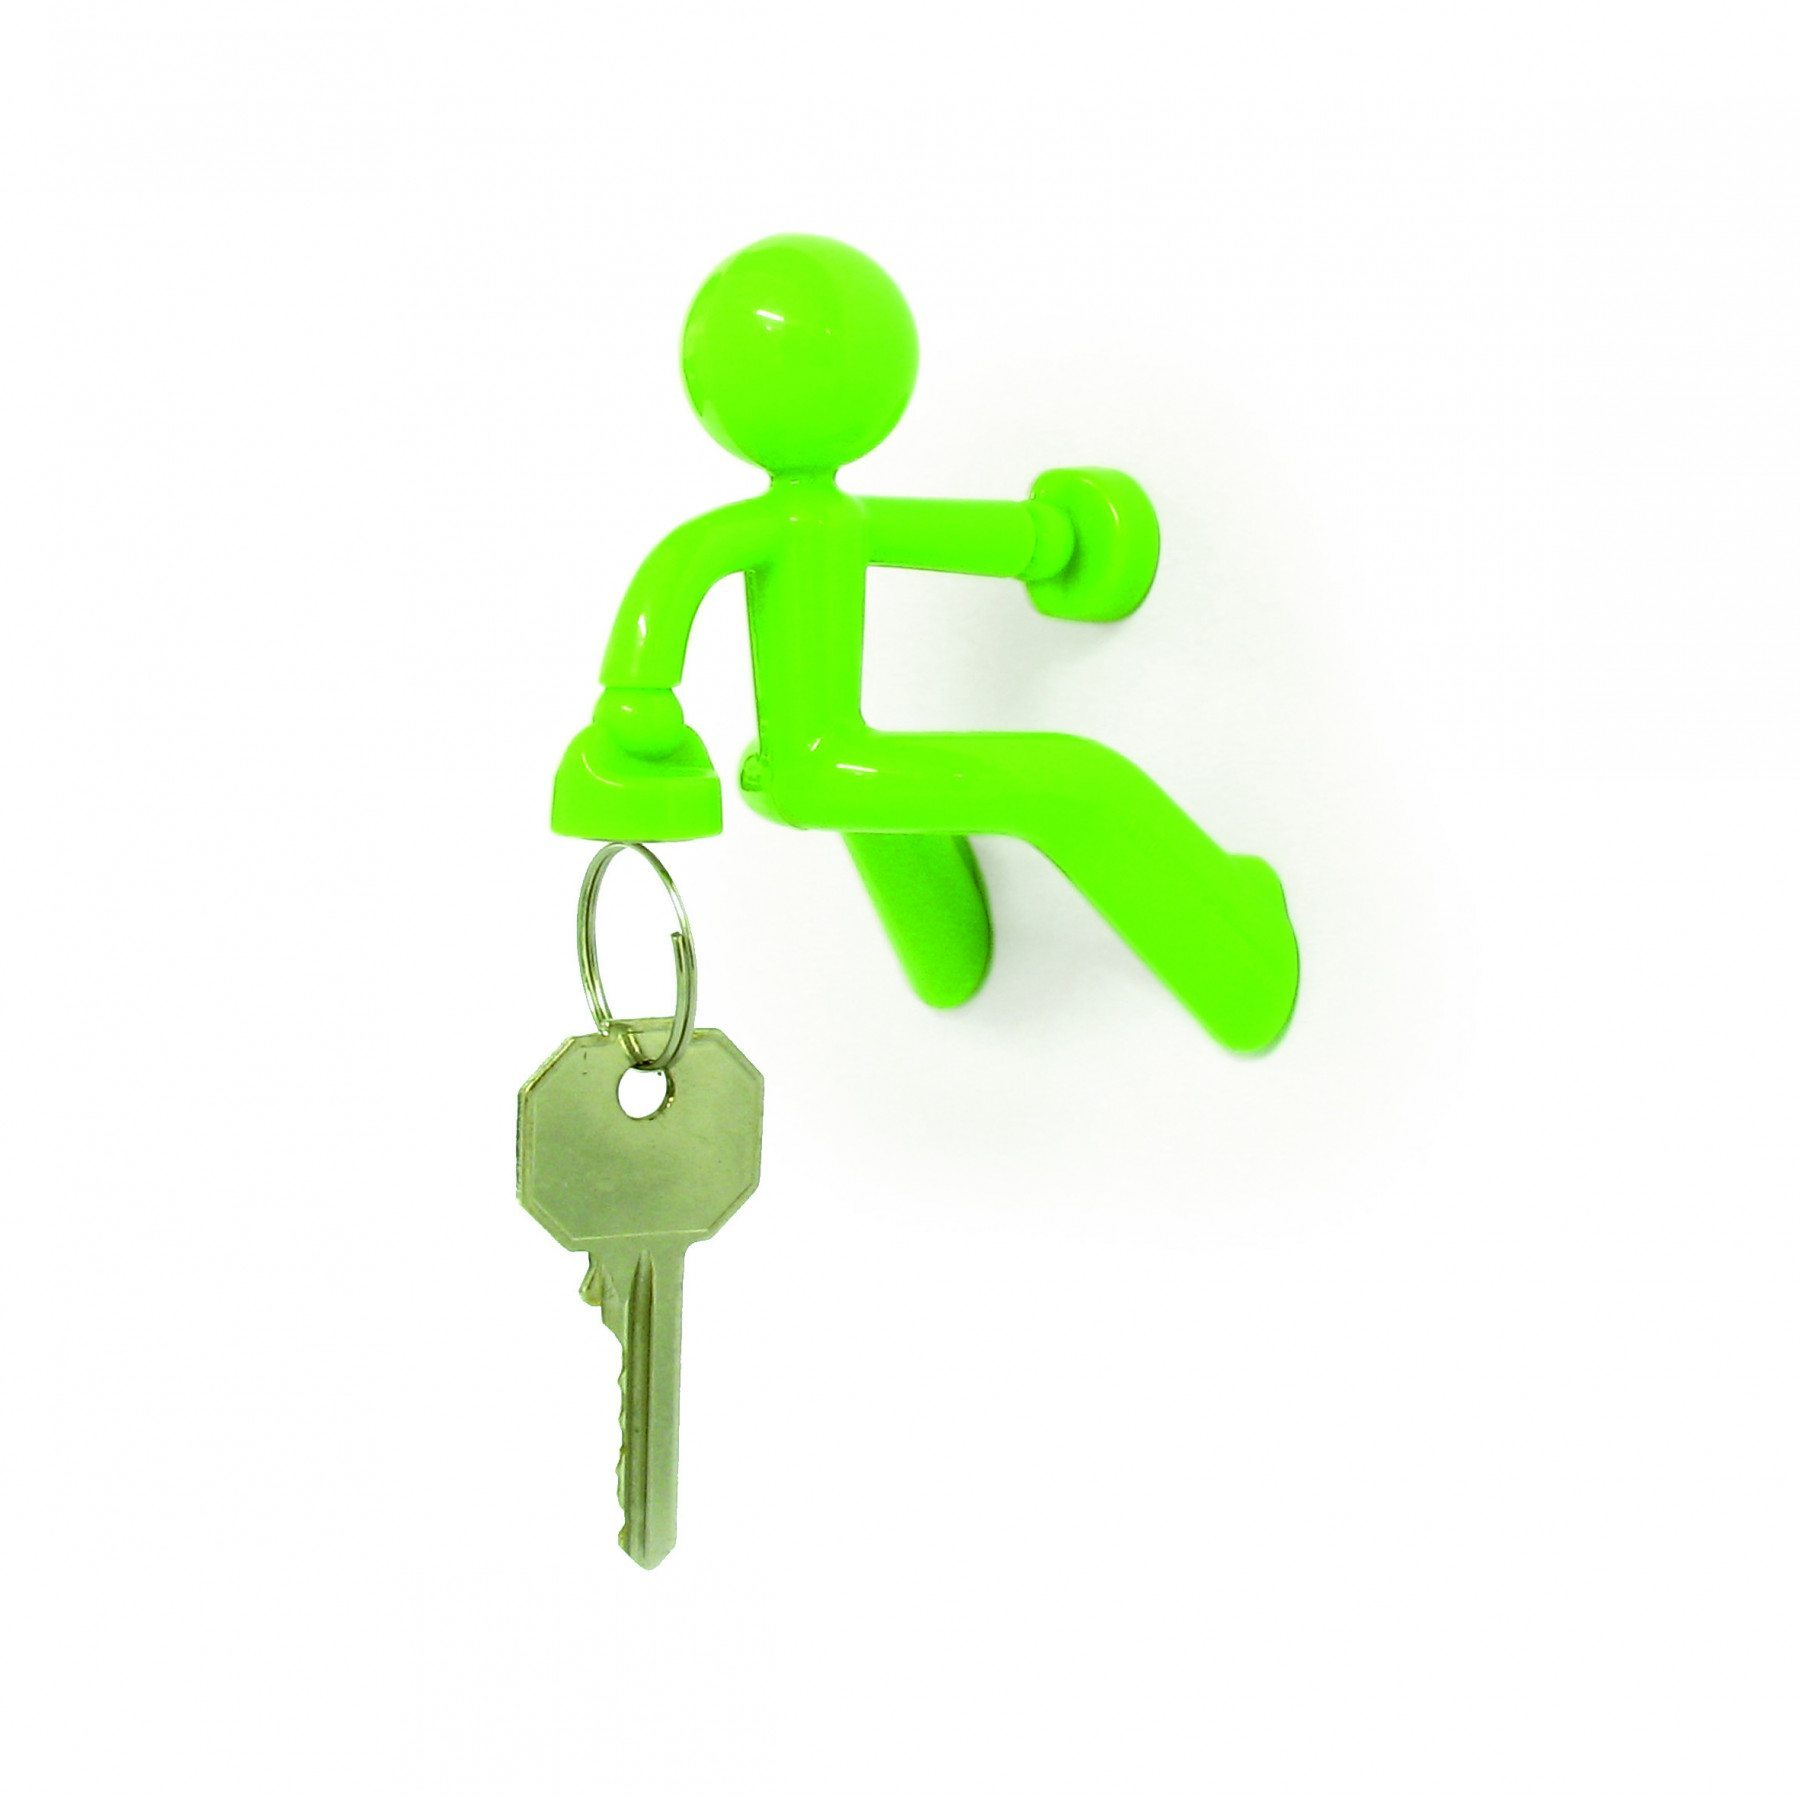 Magnetischer Schlüsselhalter Pete grün